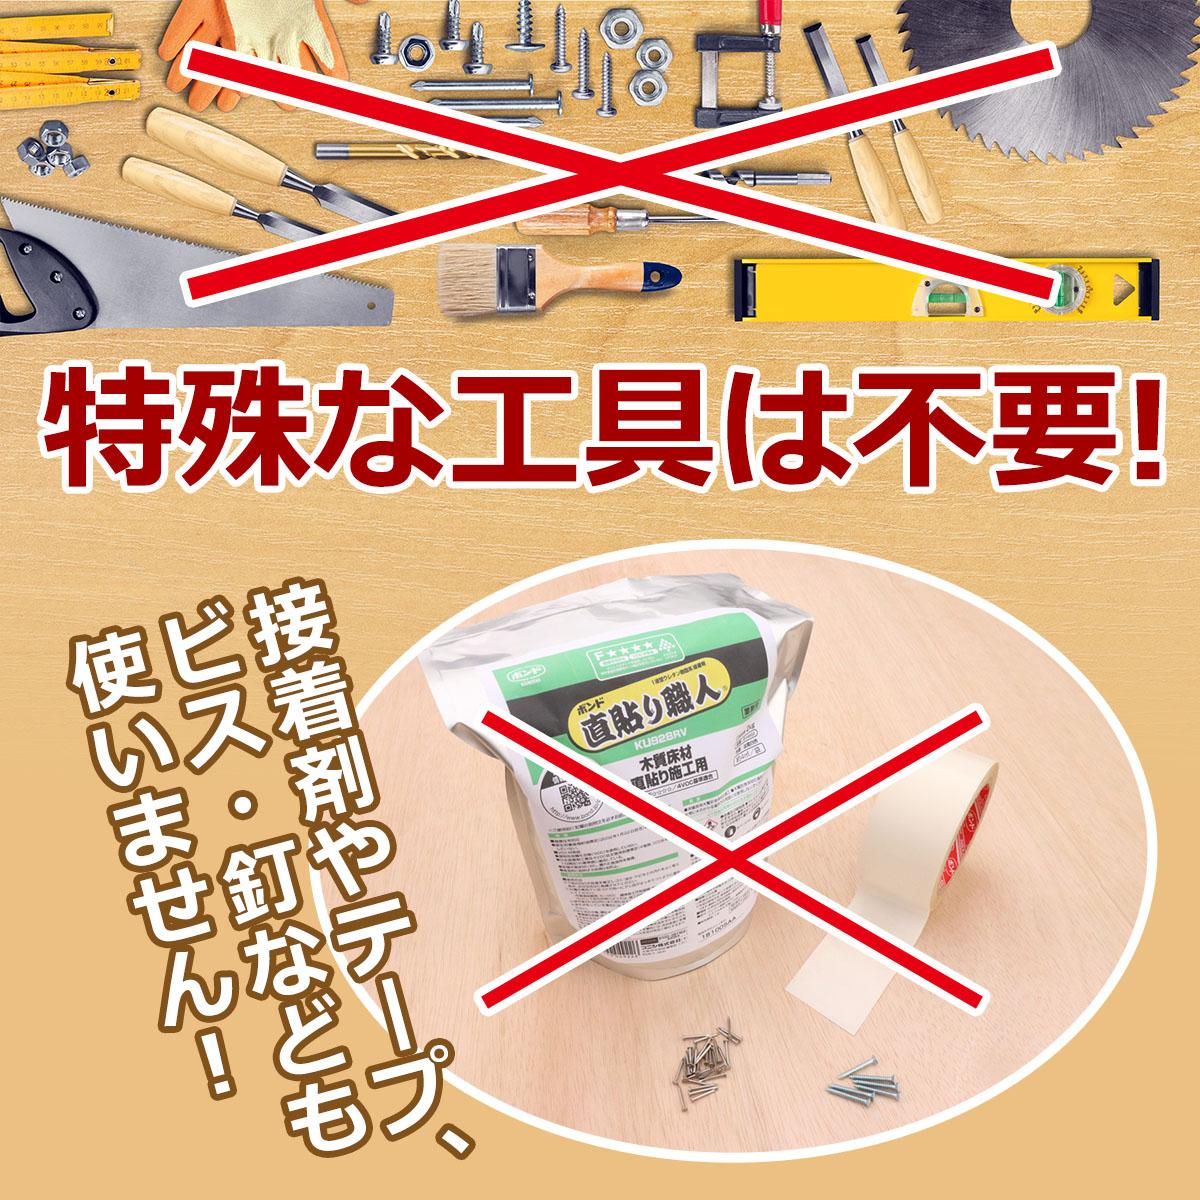 特殊な工具は不要!接着剤やテープ、ビス・釘なども使いません!